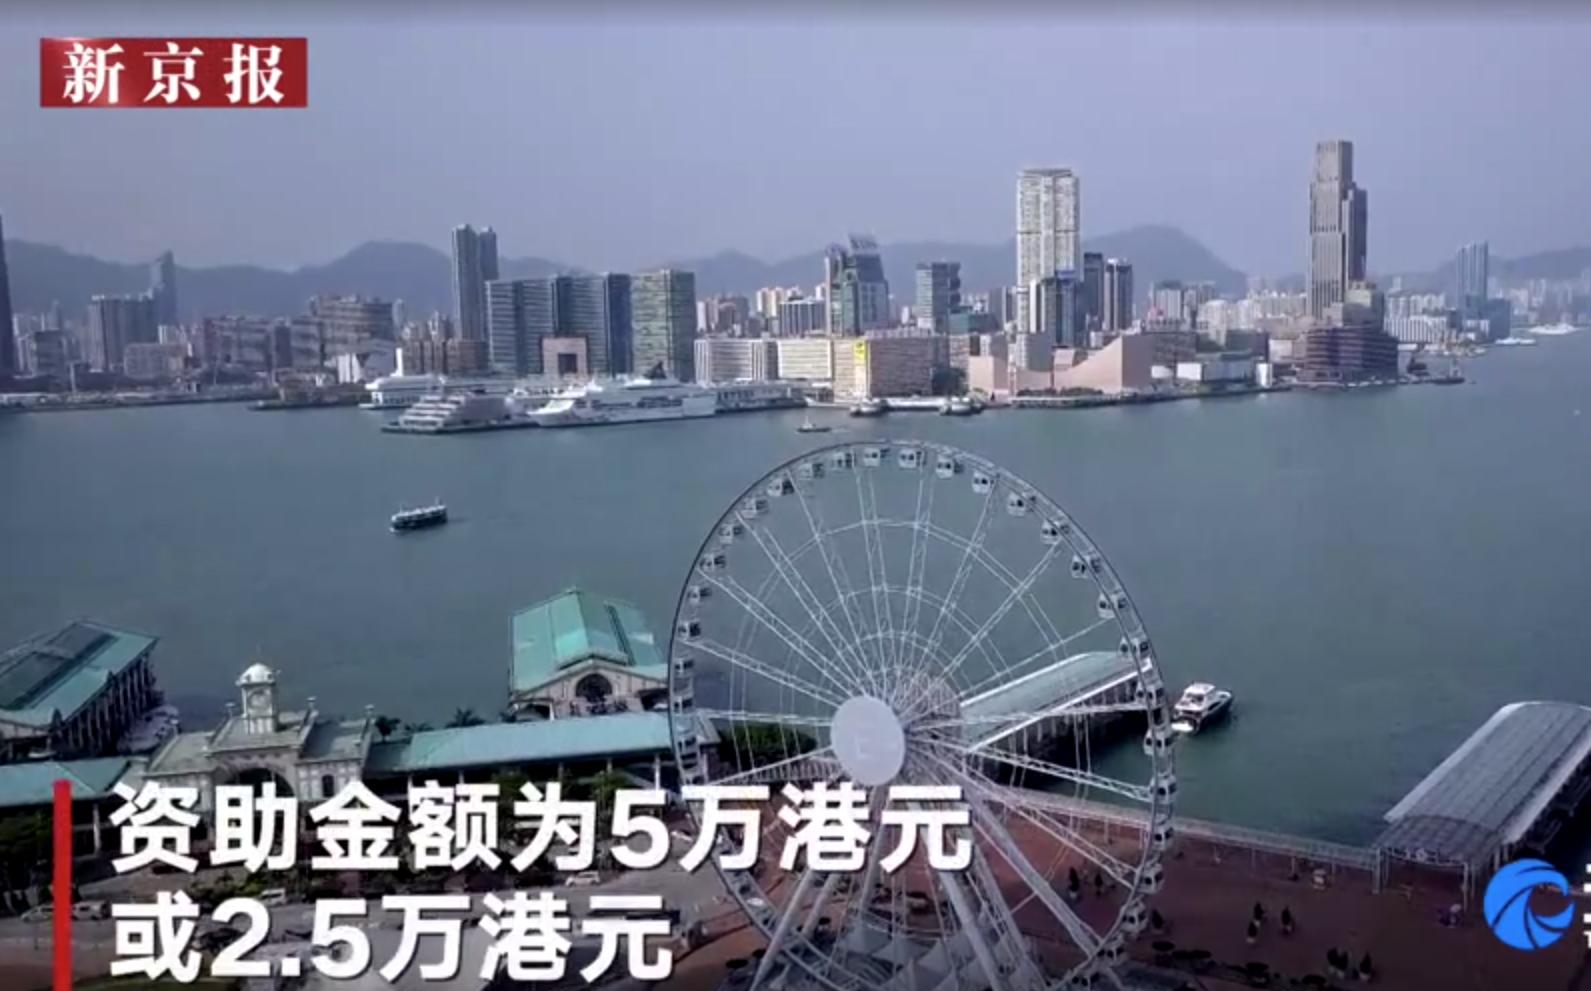 出手了!李嘉誠出 1 億救香港(圖)